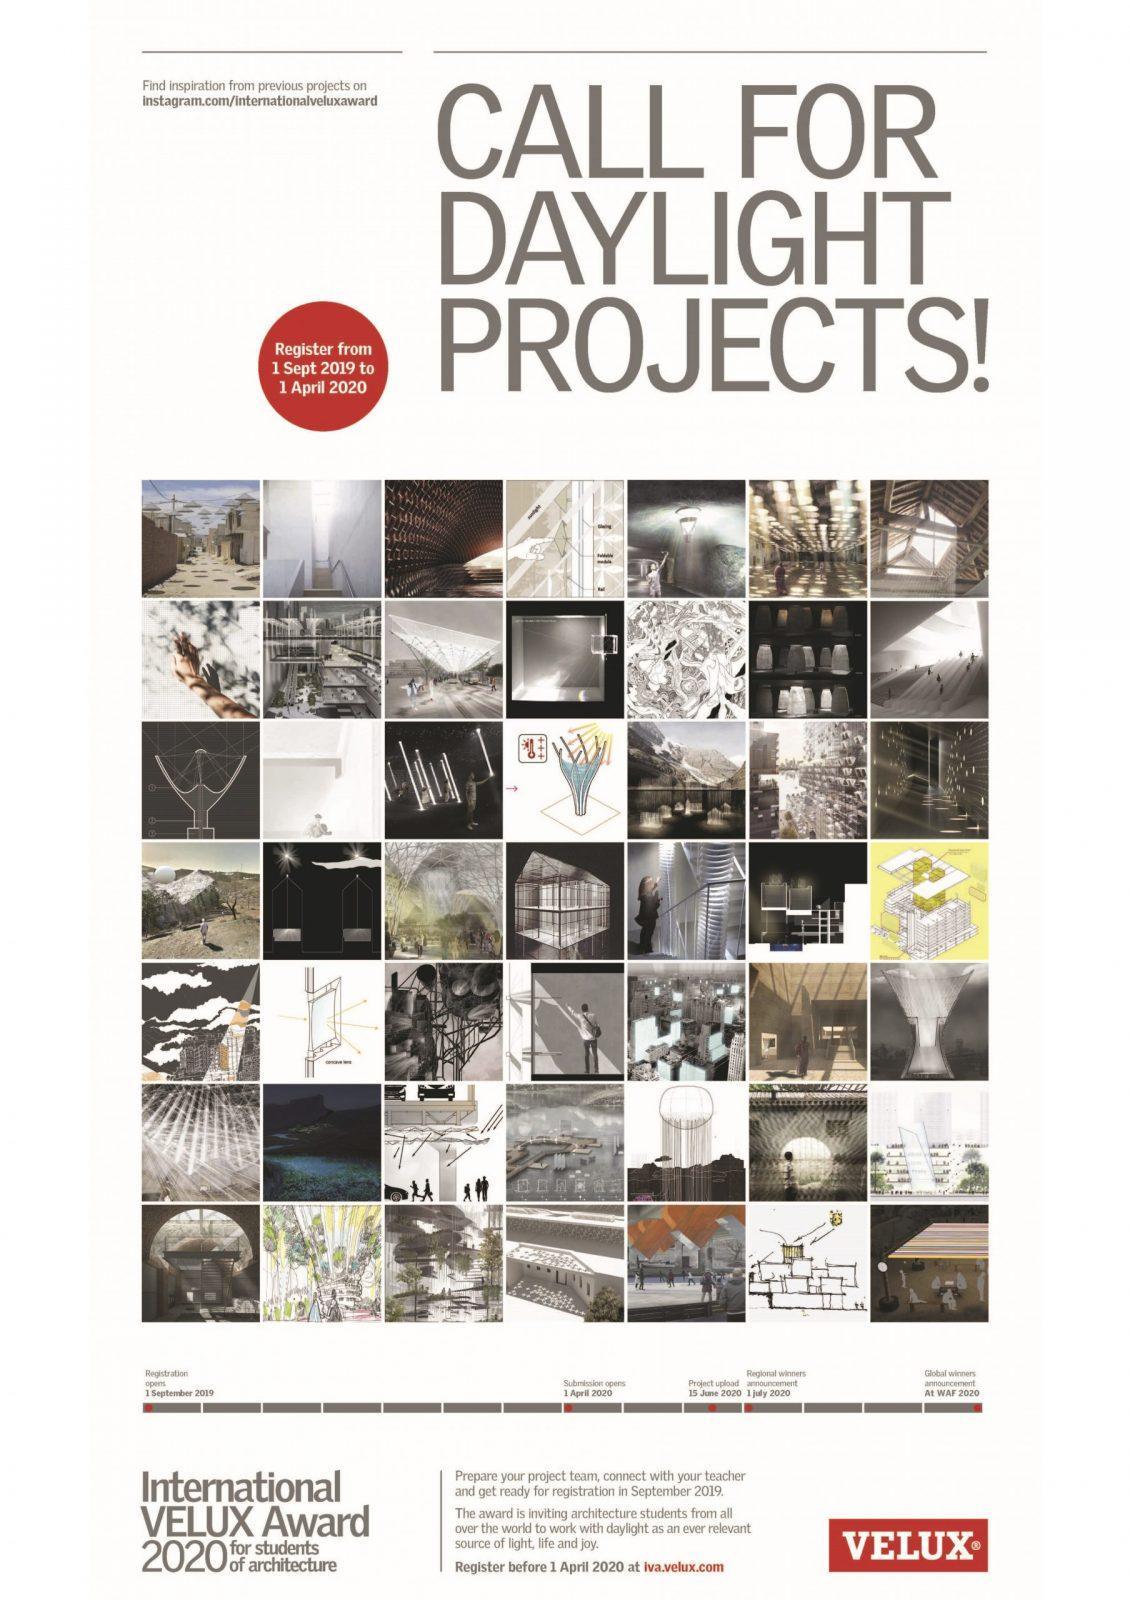 Wettbewerb für Architektur-Student*innen: International VELUX Award 2020